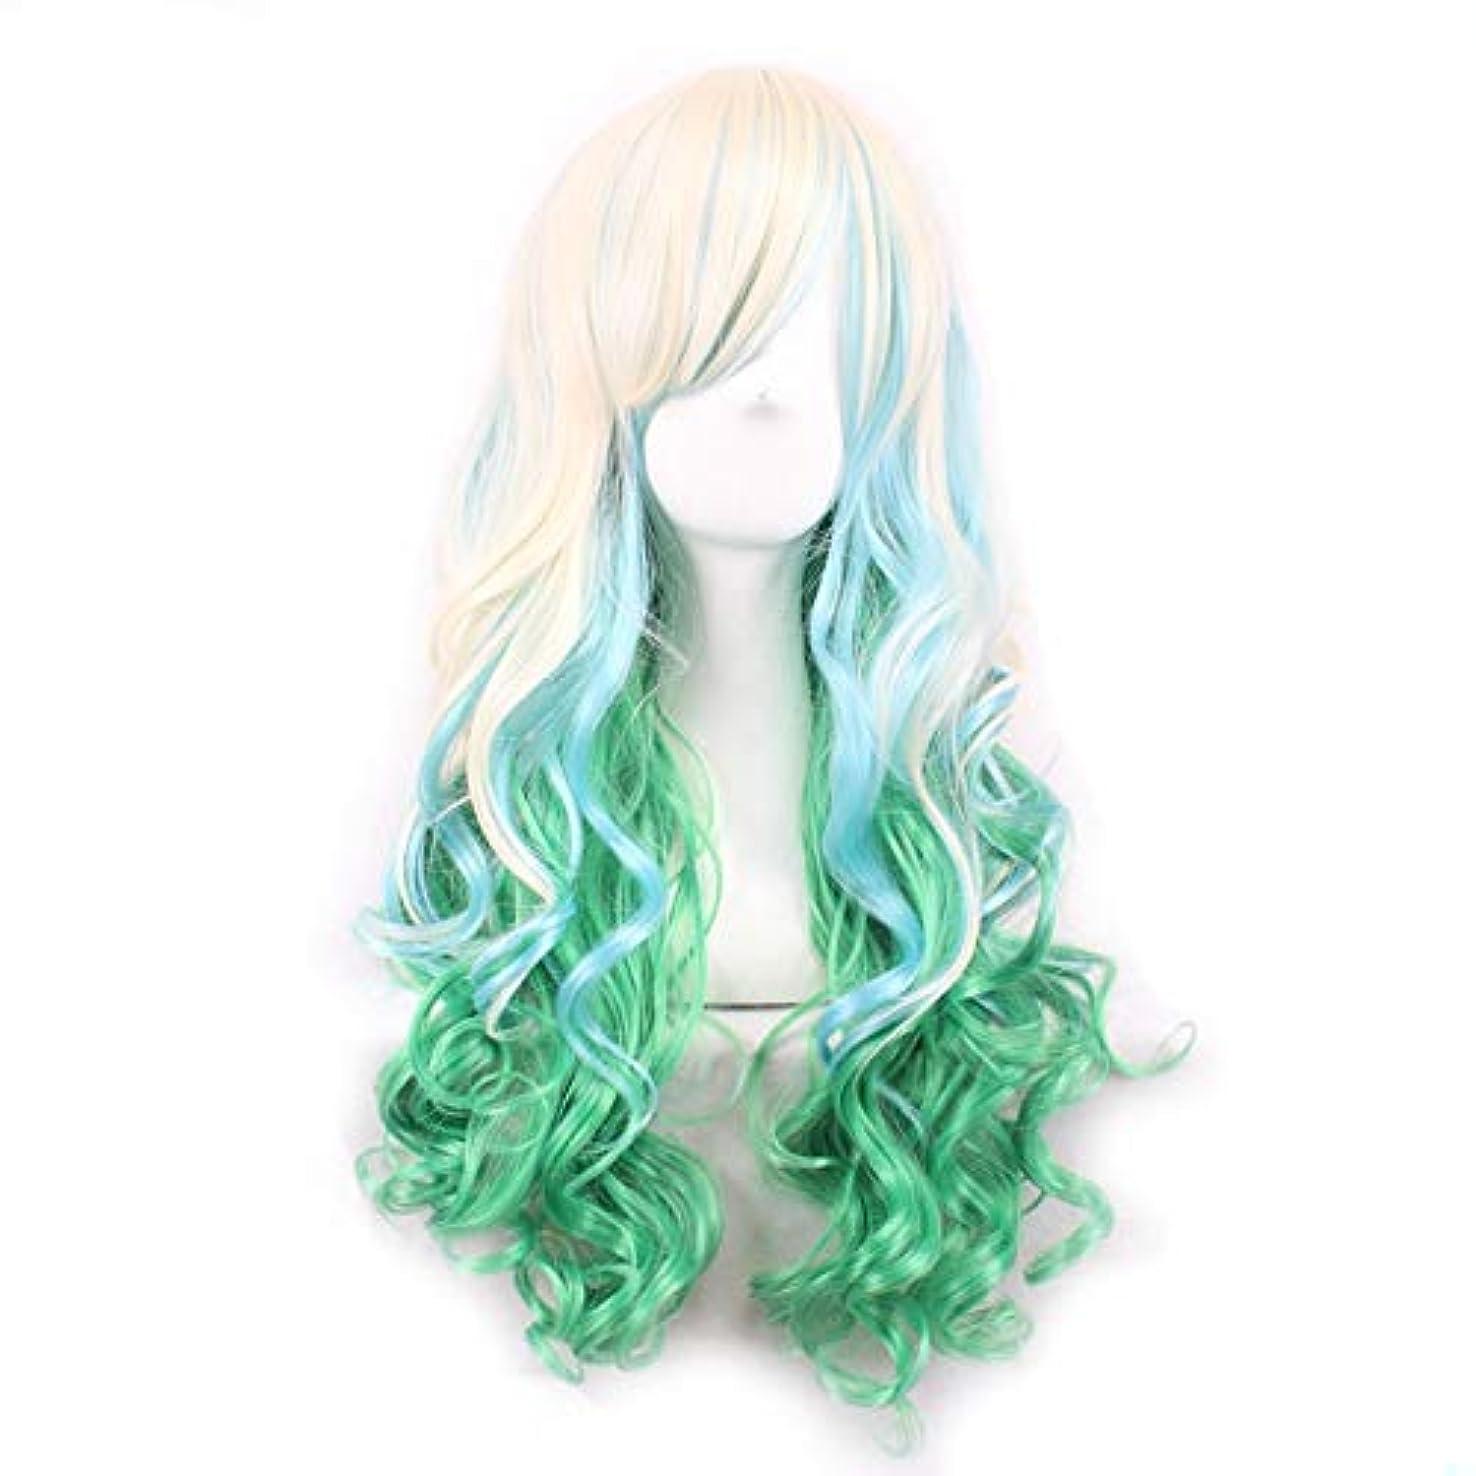 洞窟検索エンジン最適化ショットウィッグキャップでかつらファンシードレスカールかつら女性用高品質合成毛髪コスプレ高密度かつら女性&女の子用グリーン、ダークグリーン (Color : 緑)